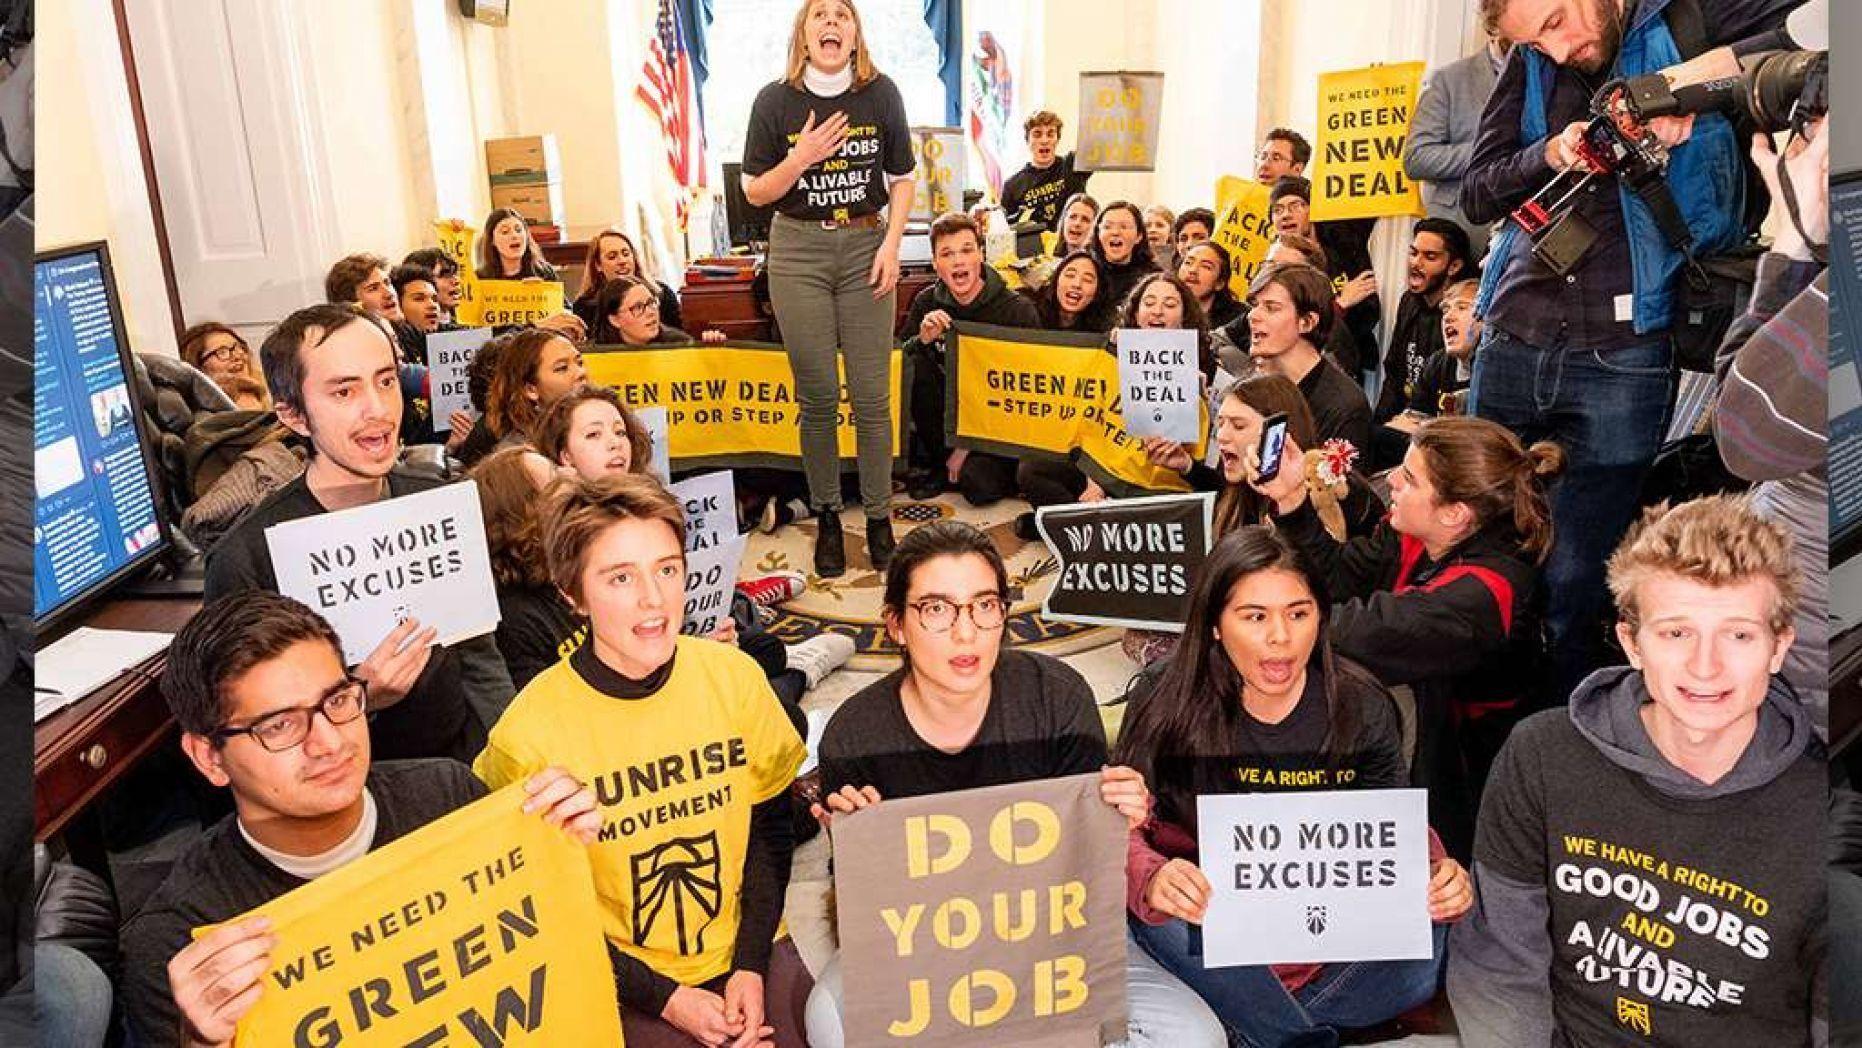 Liz Peek GOP's 2020 campaign will put Dem extremism on trial